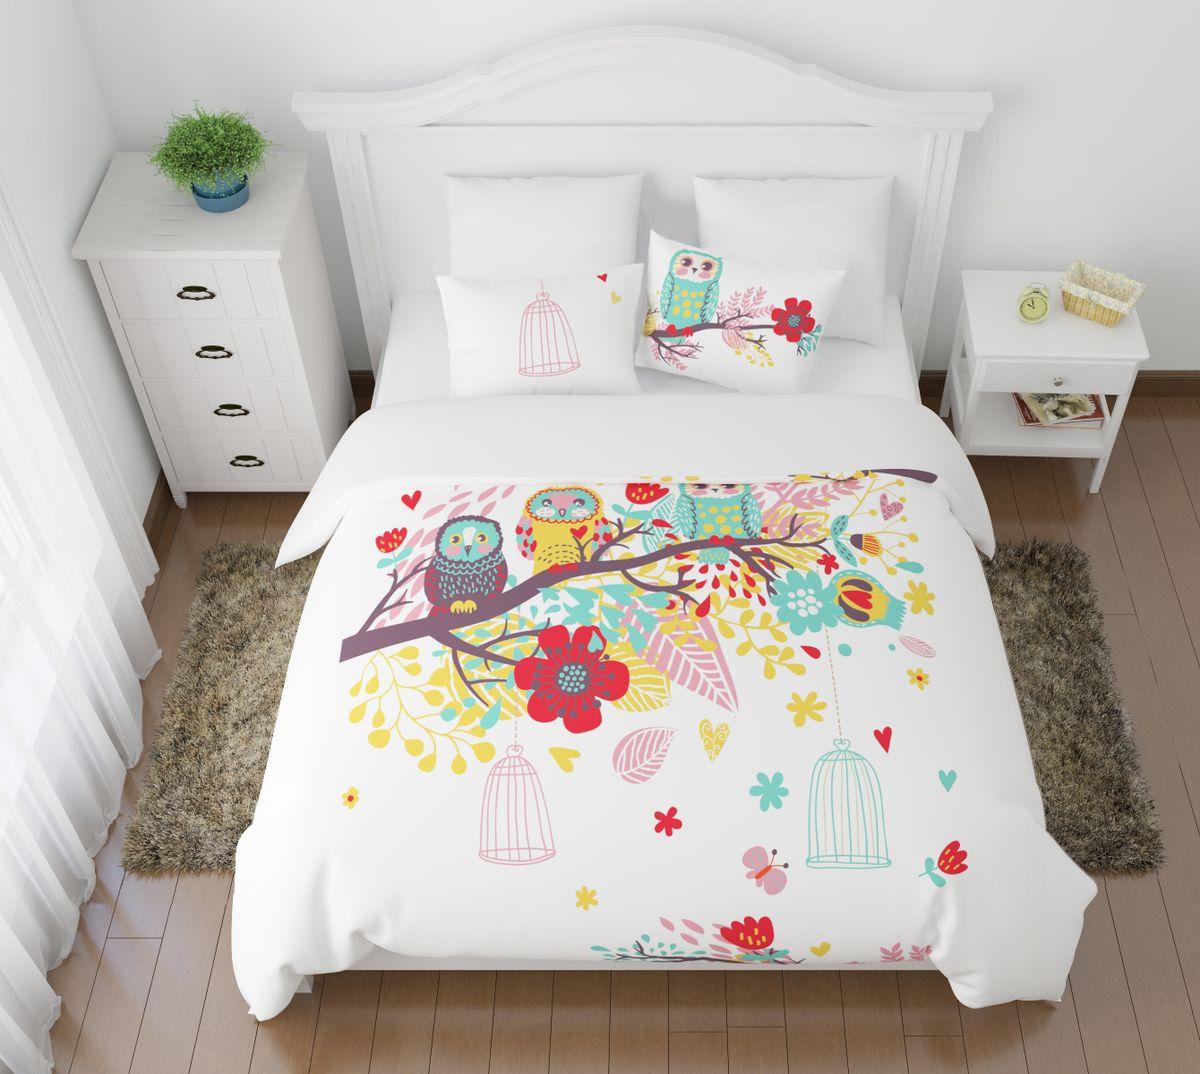 Комплект белья Сирень Волшебный сон, 1,5-спальный, наволочки 50x70 комплект белья сирень волшебный кот 1 5 спальный наволочки 50x70